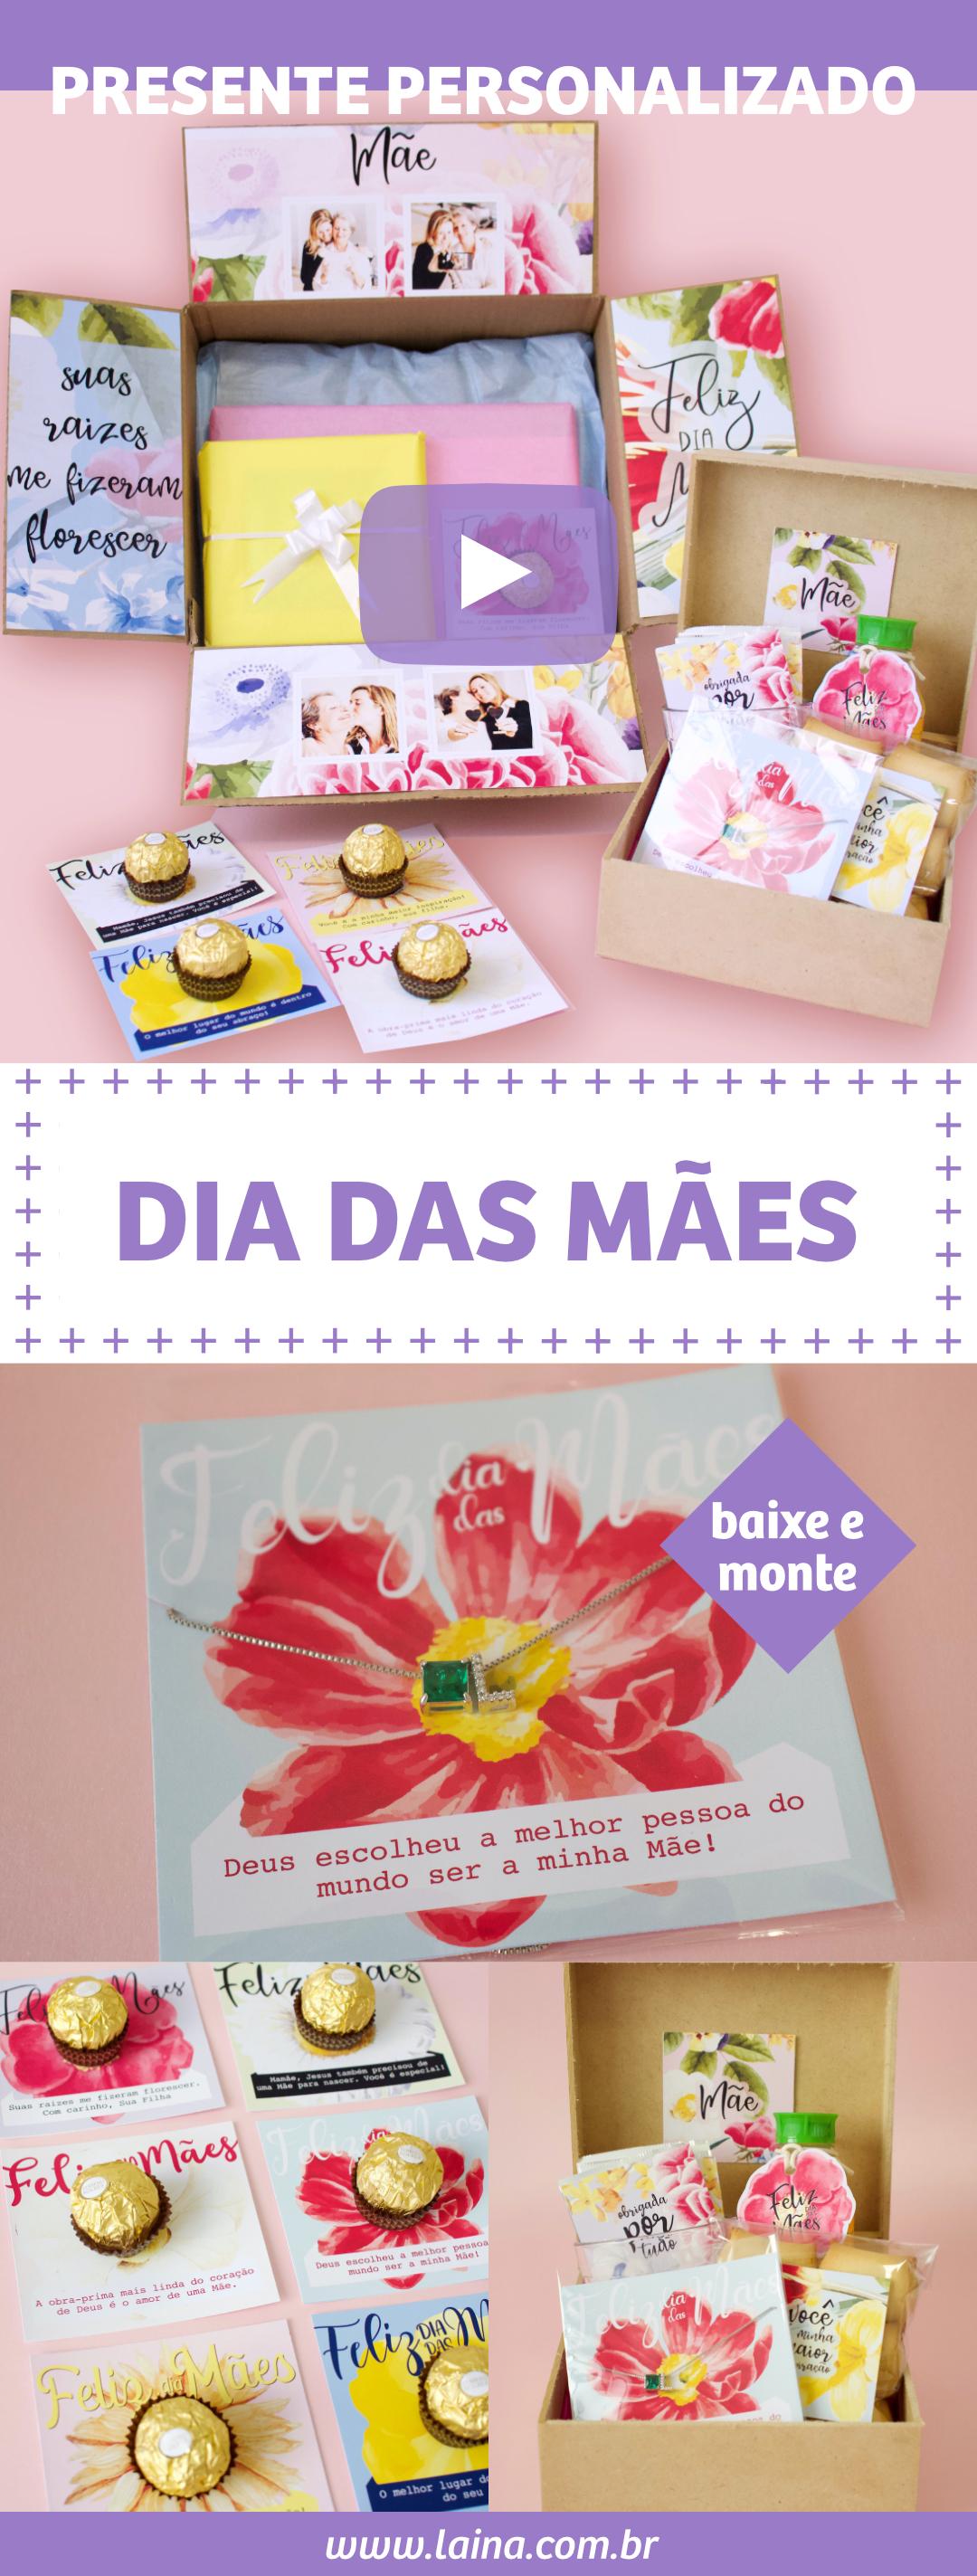 3 Dicas de Presente Para o Dia Das Mães - baixe e personalize em casa